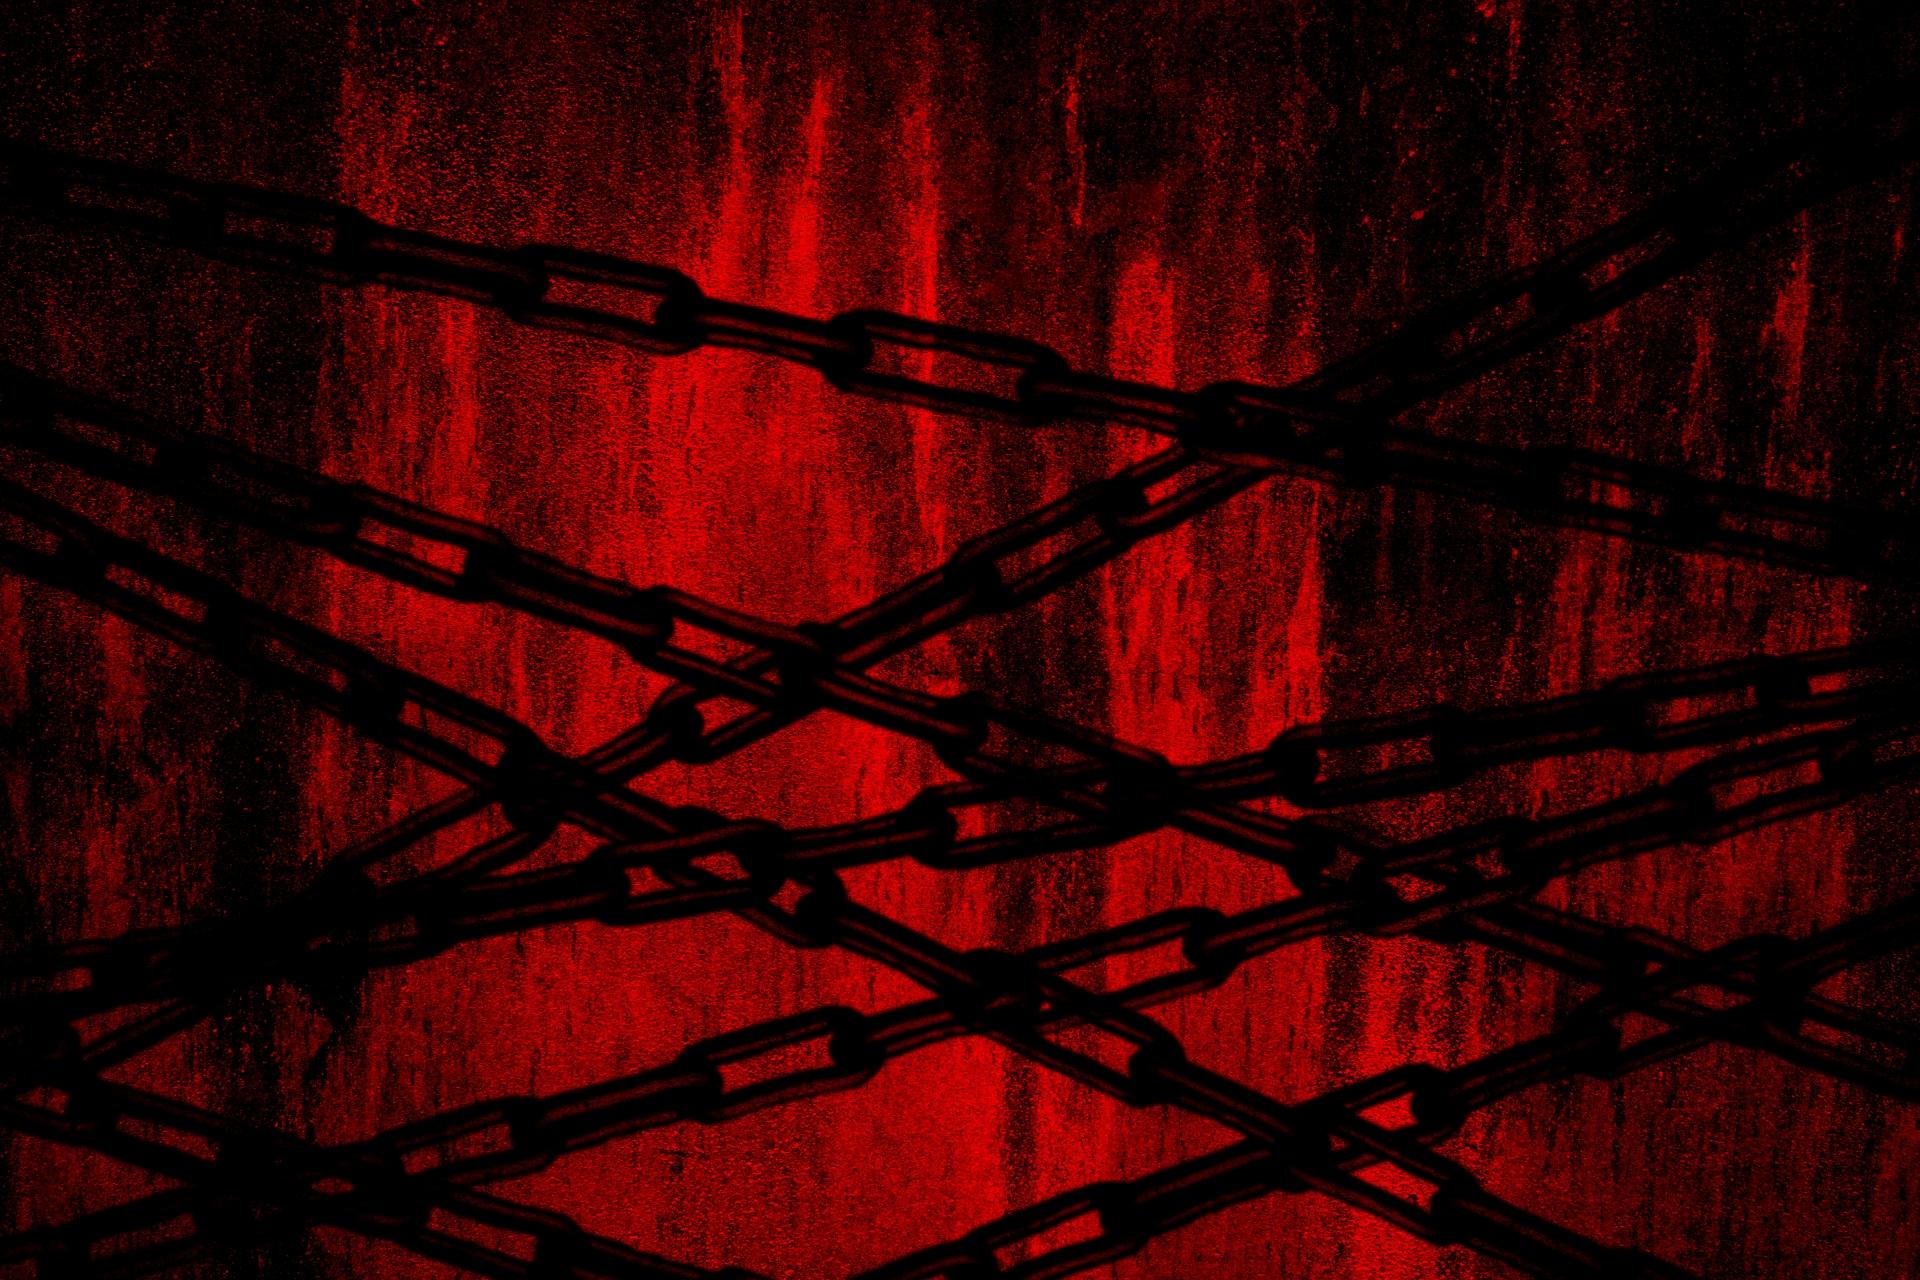 鎖のホラーイメージ